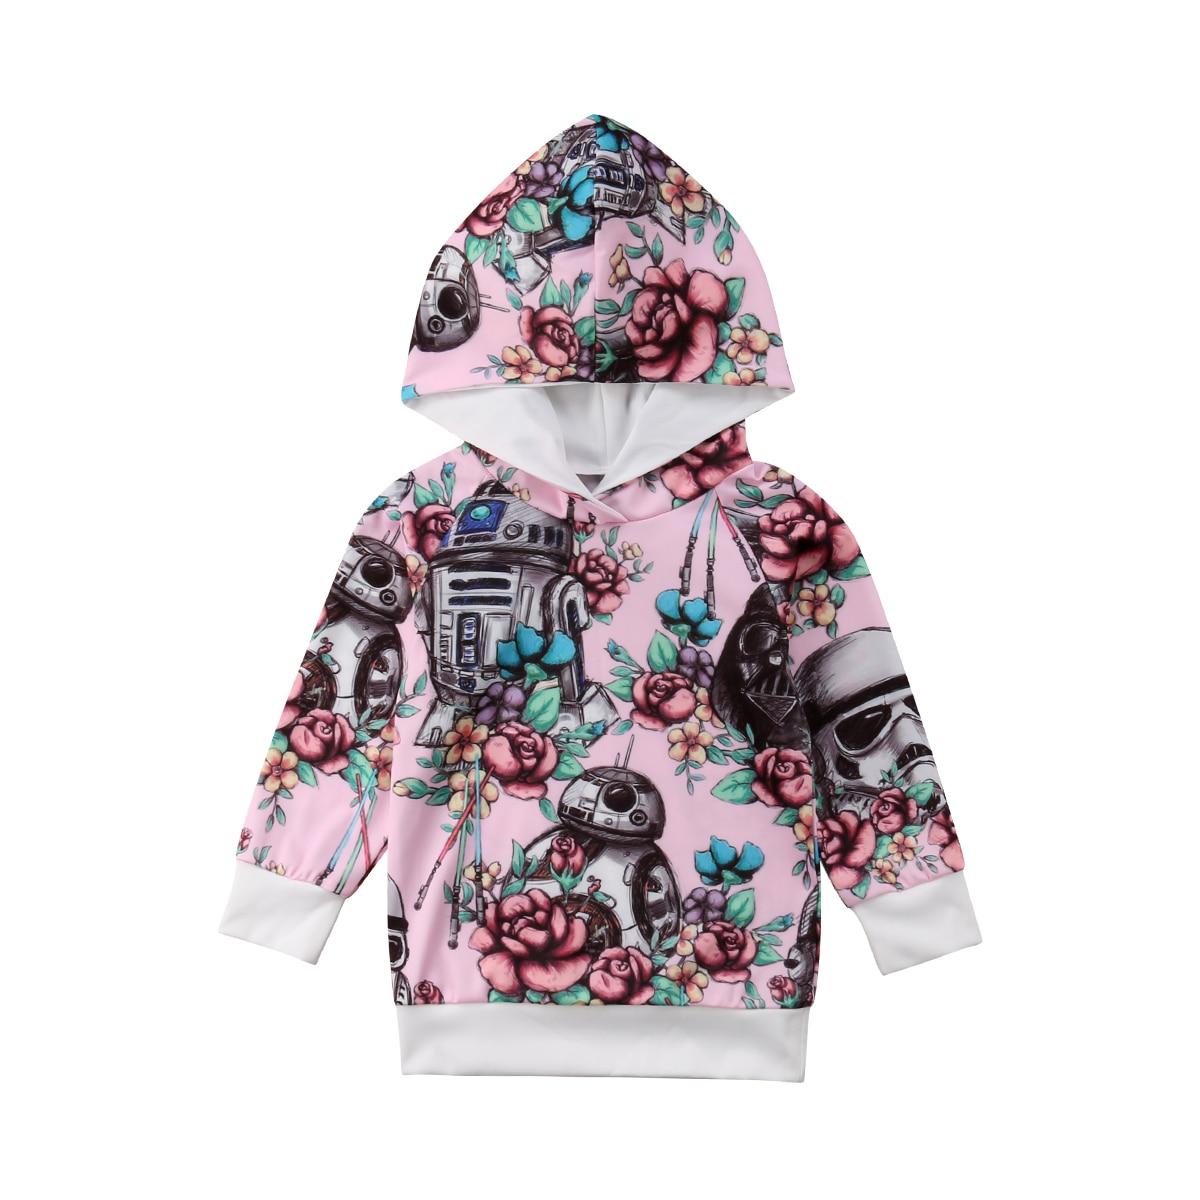 1-5 T Infant Kind Baby Mädchen Junge Mit Kapuze Floral Sweatshirt Mode Star Wars Hoodie Outwear Mantel Rosa Nette Kinder Kleidung Wir Haben Lob Von Kunden Gewonnen Mutter & Kinder